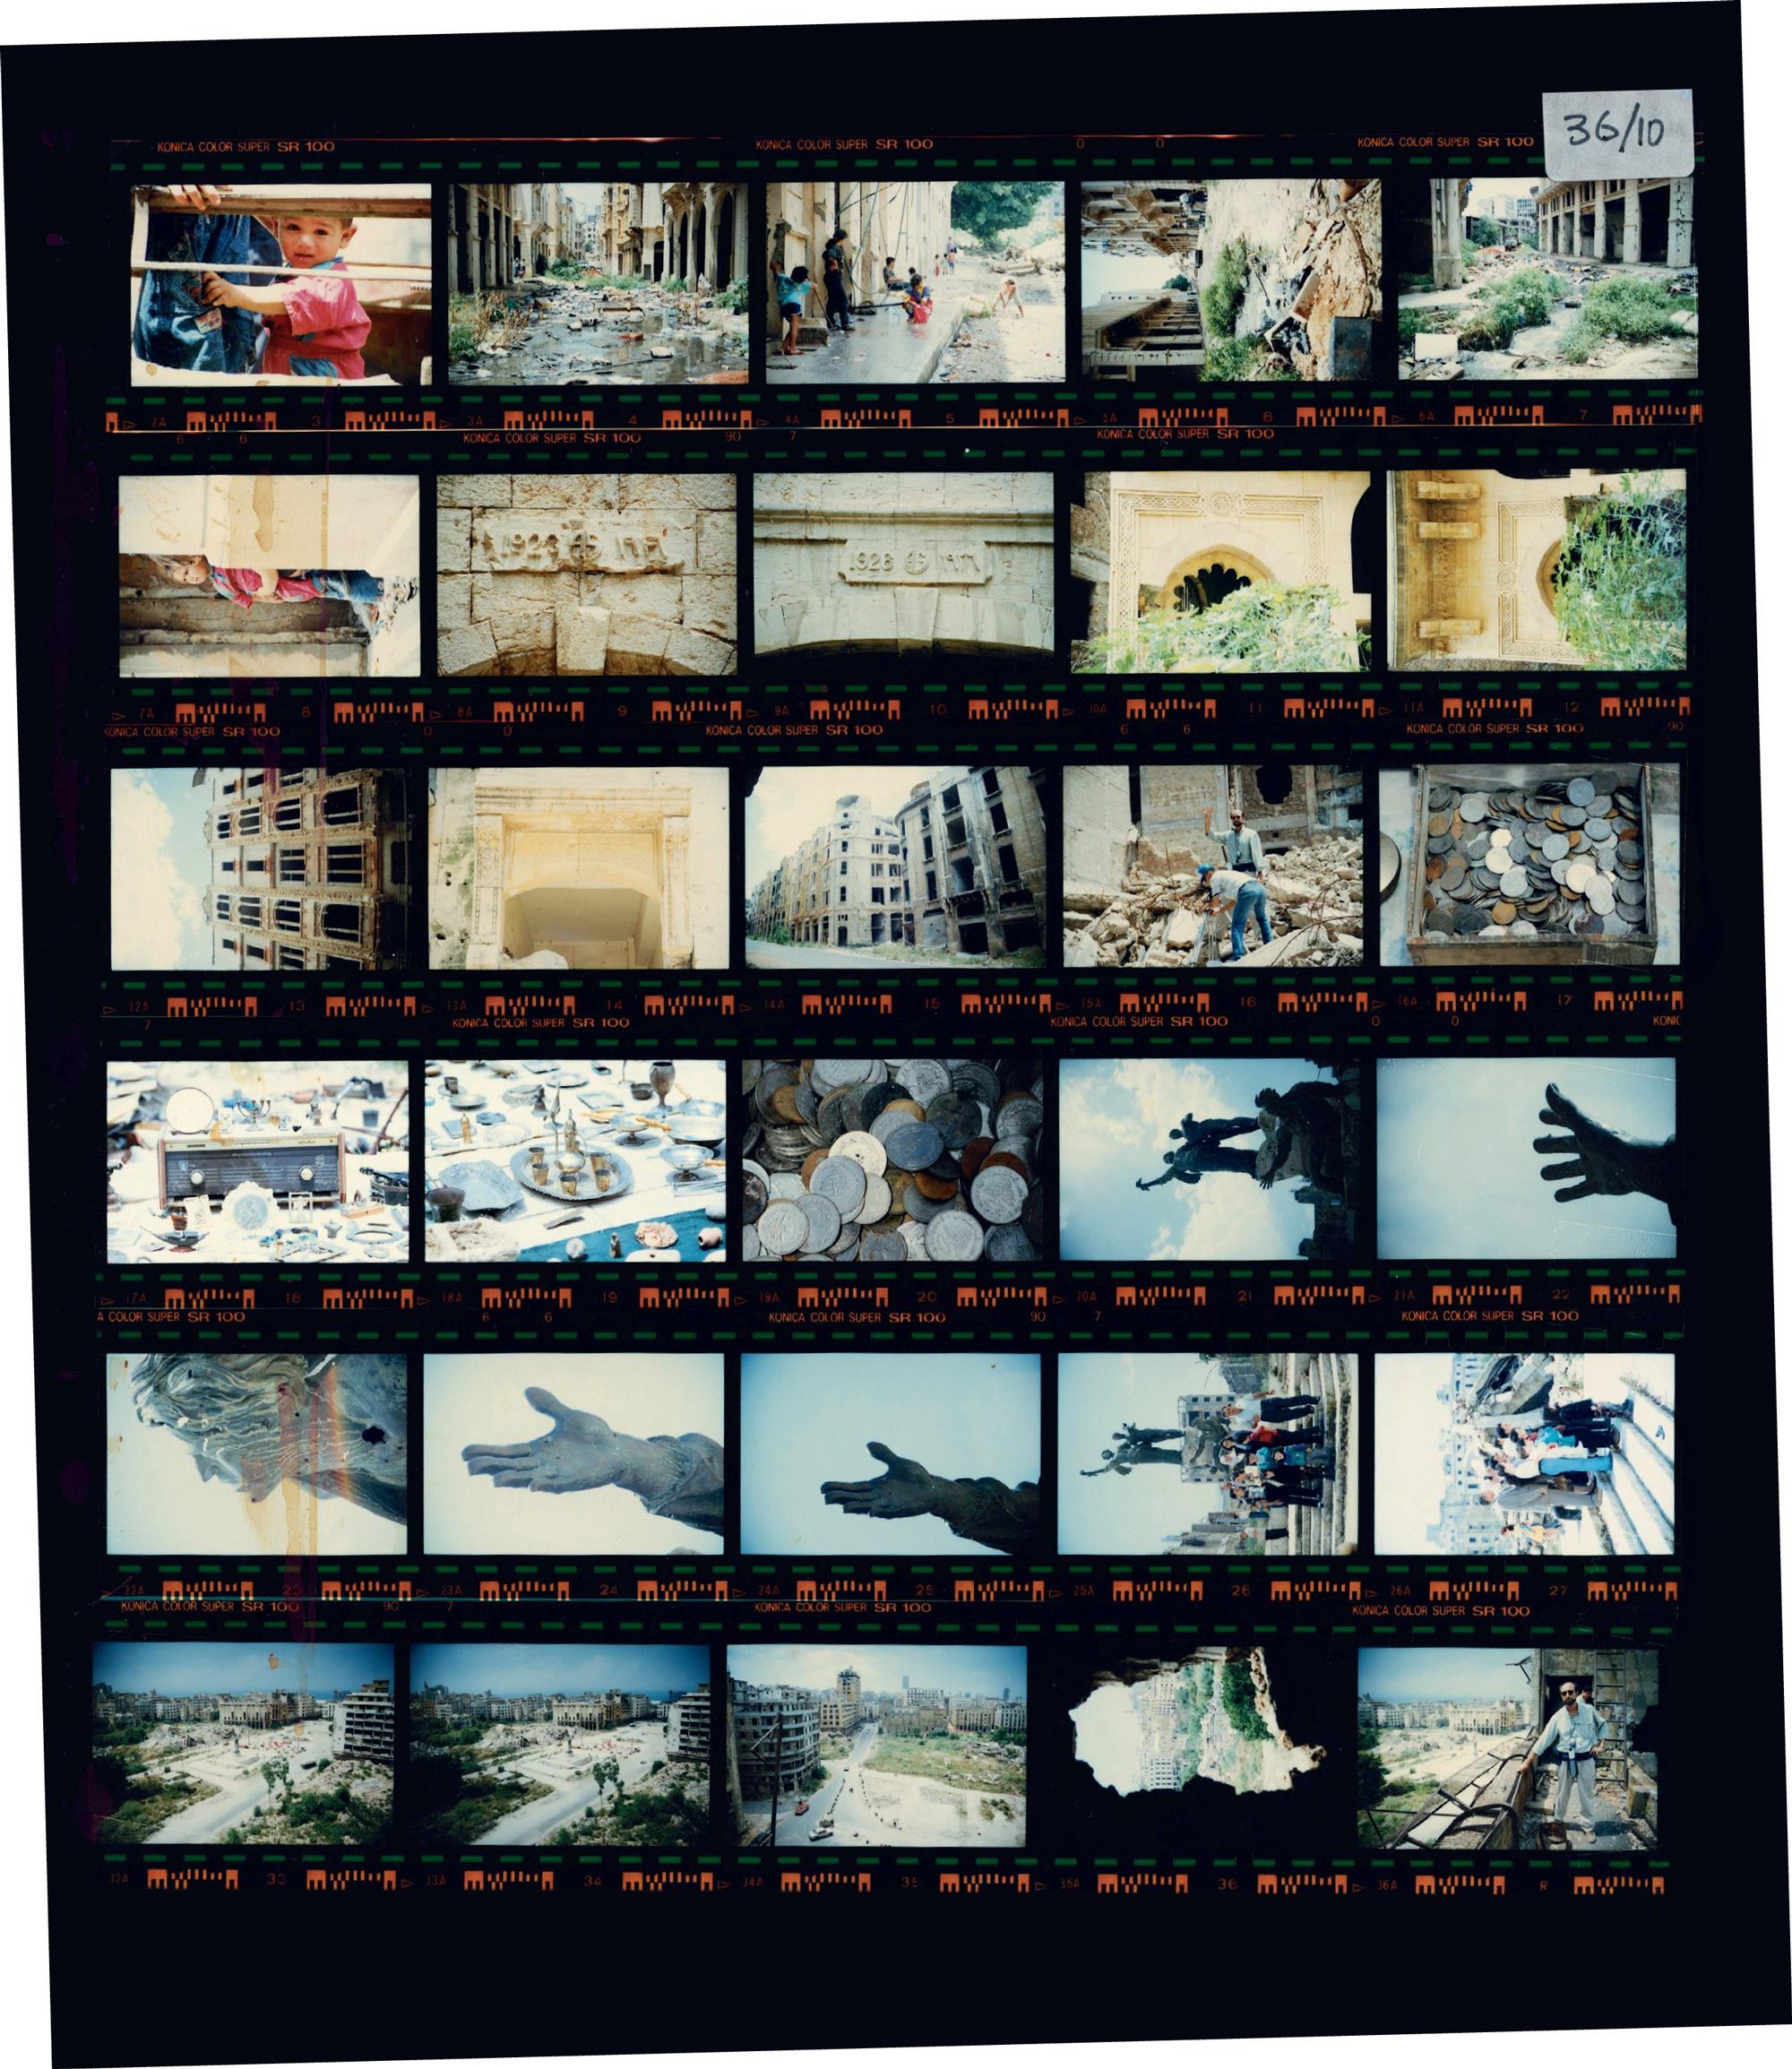 Fig. 1. Une planche contact, sujets divers. Photographies de Mosbah Assi.